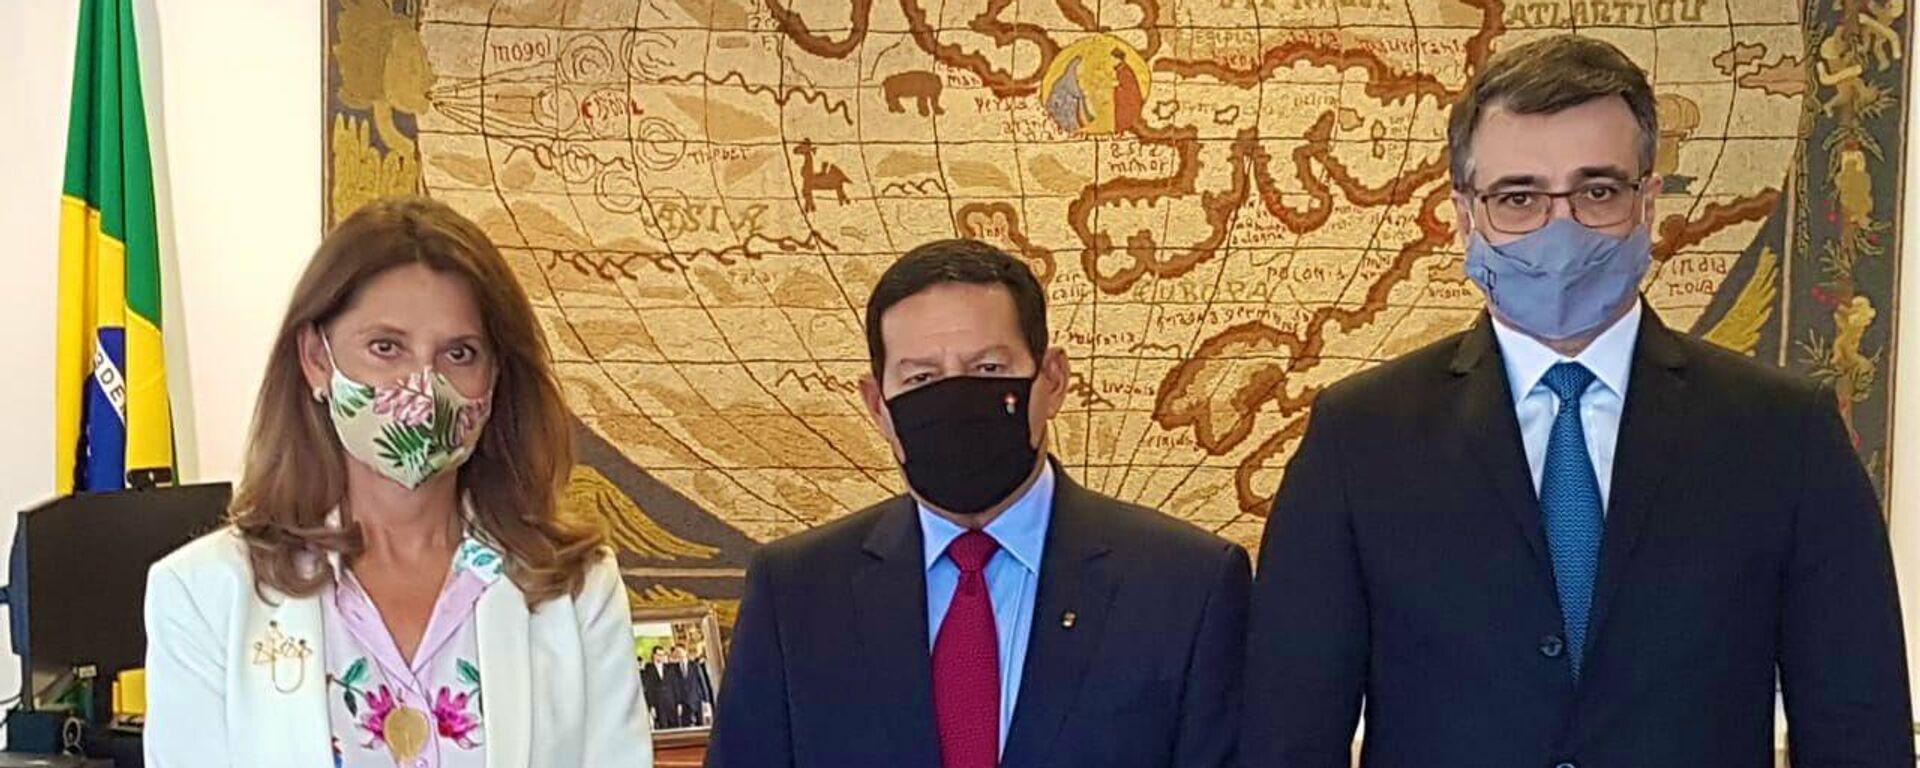 La vicepresidenta y canciller de Colombia, Marta Lucía Ramírez, el vicepresidente de Brasil, Hamilton Martins Mourao, y el canciller de Brasil, Carlos Franca - Sputnik Mundo, 1920, 12.08.2021